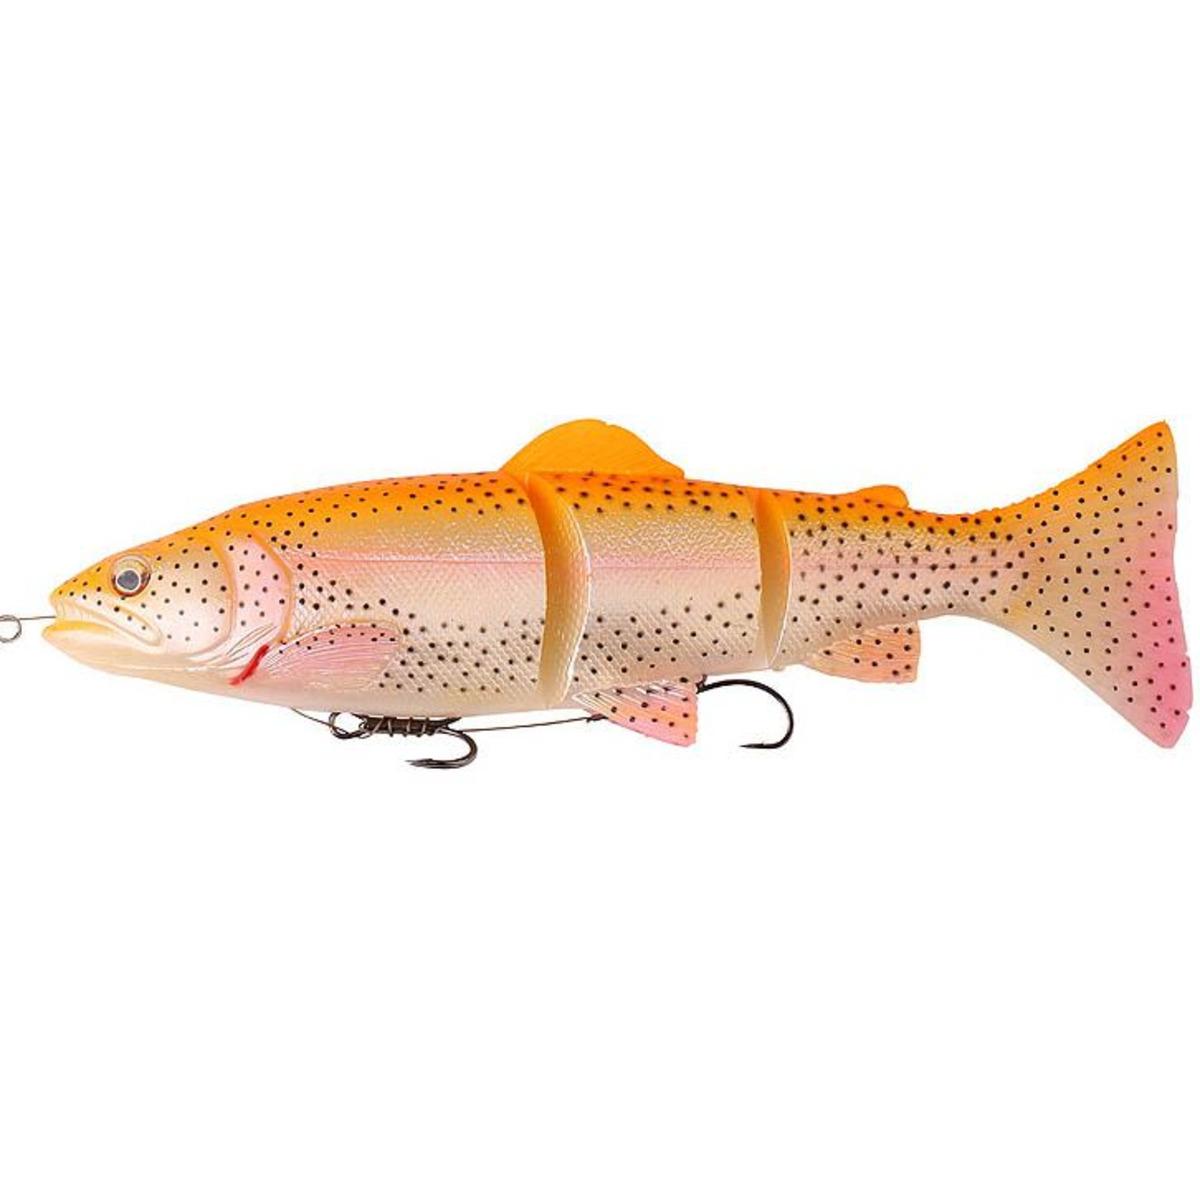 Savage Gear 3D Trout Line Thru - 15 cm - 40 g - Golden Albino